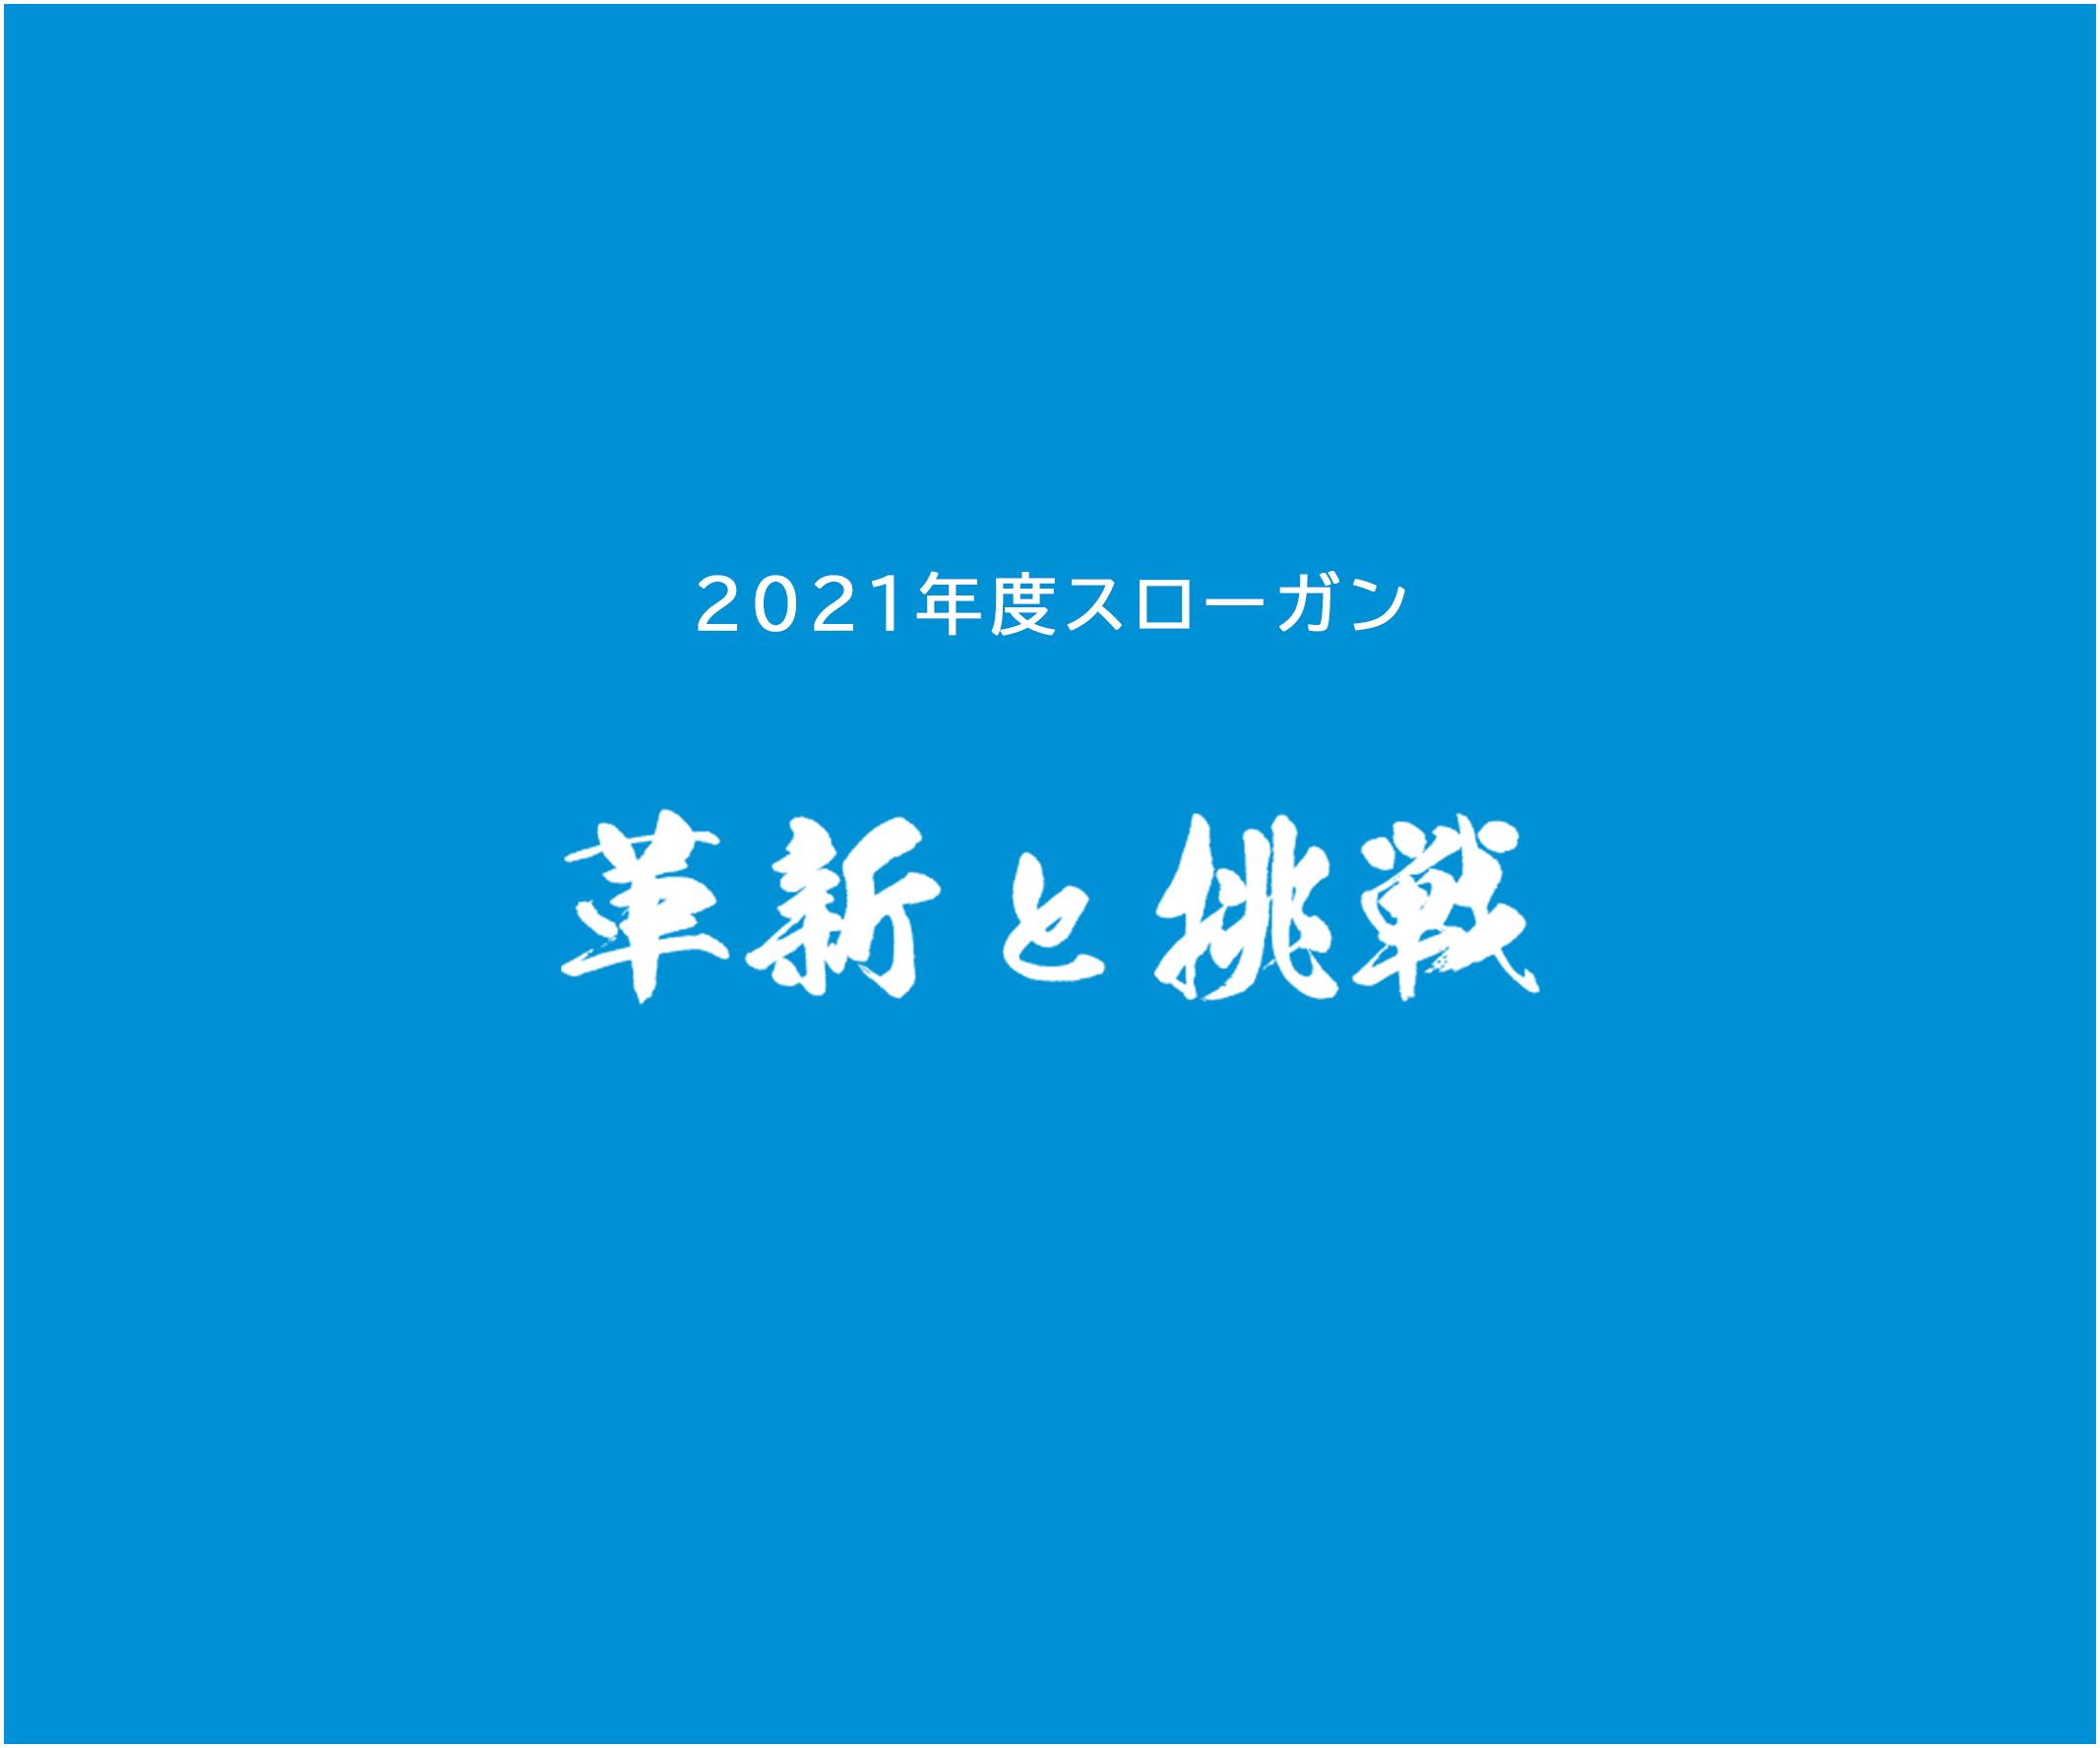 公益社団法人三沢青年会議所 スローガン